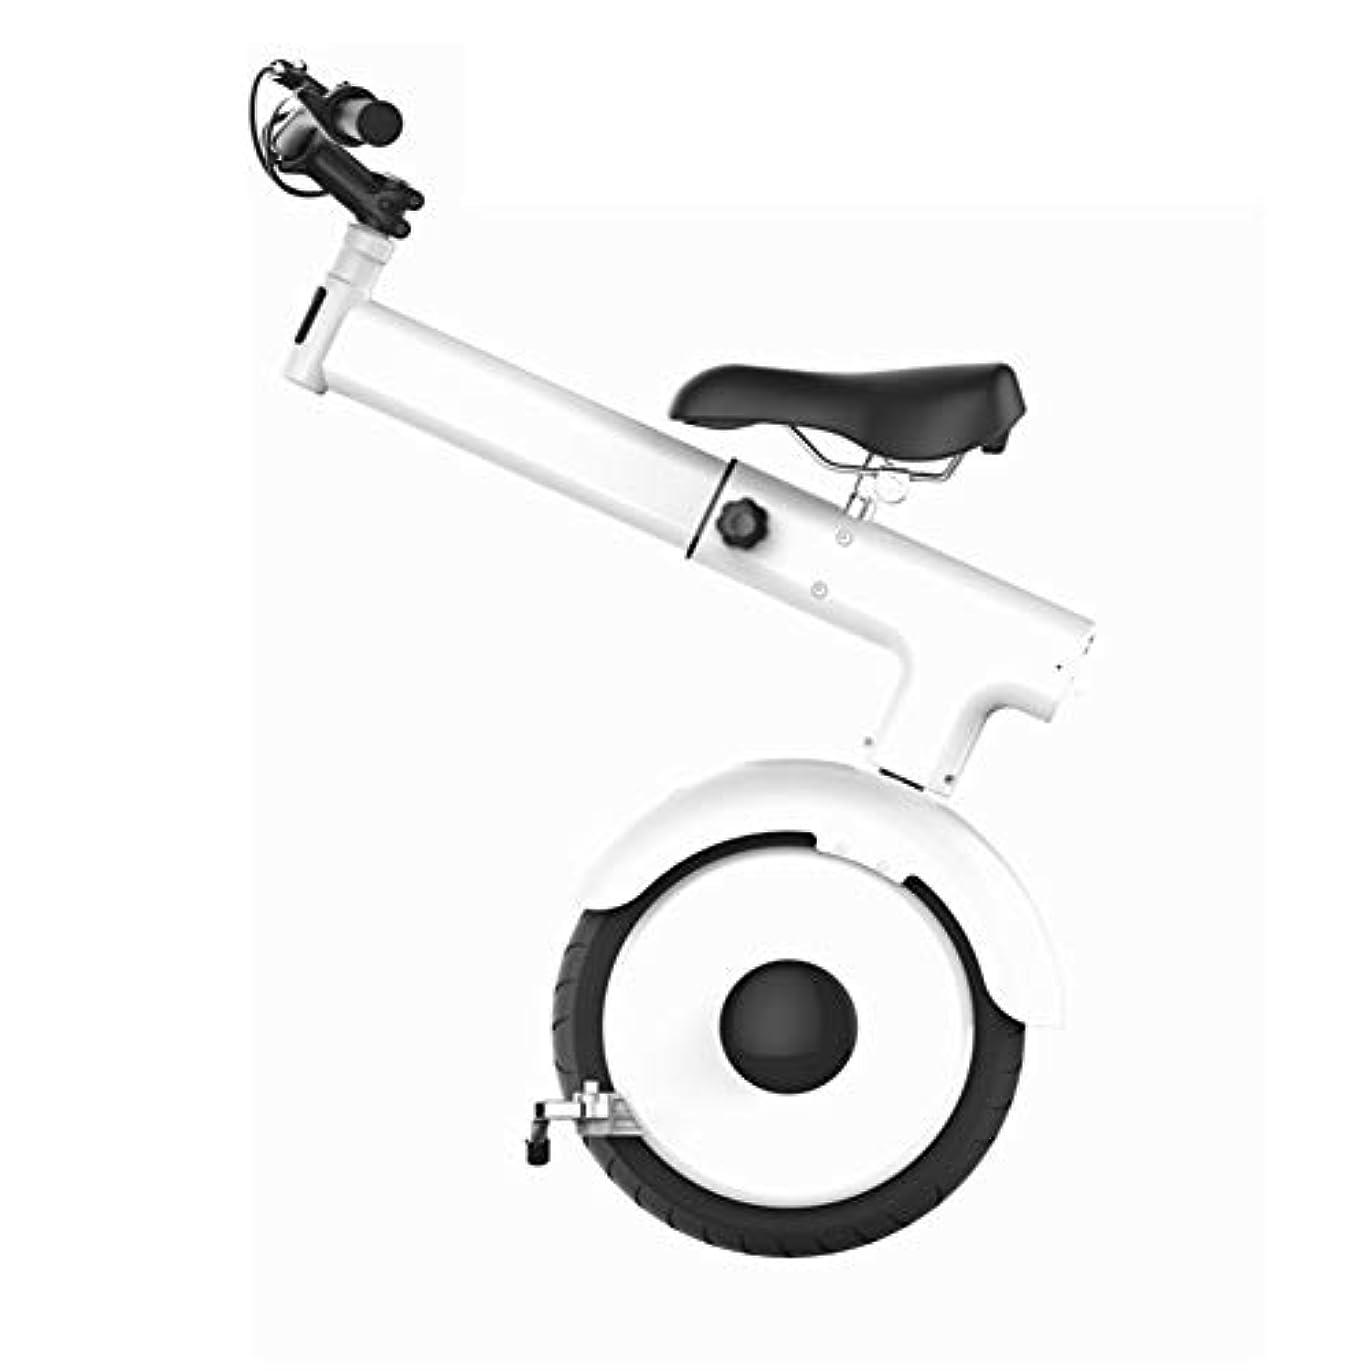 友情霊ペア電動自転車、6.0Ahリチウム電池、市自転車最大速度毎時25キロ、ディスクブレーキと折り畳み式の12インチ36V E-自転車